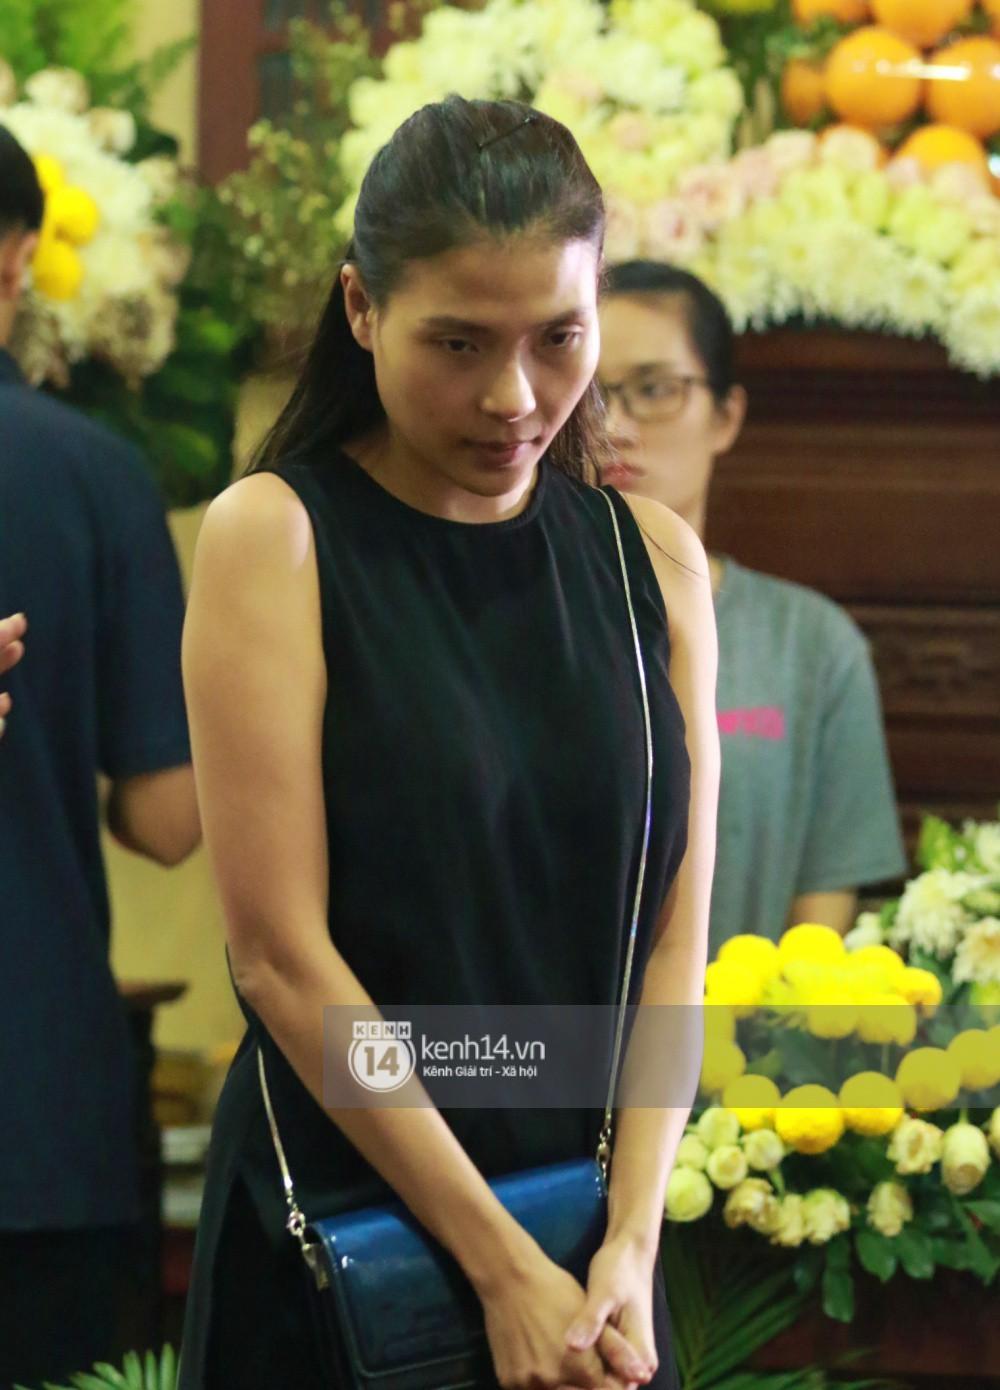 Đêm cuối cùng đám tang cố diễn viên Anh Vũ: Nghệ sĩ lặng người, không giấu được xúc động trước linh cữu-16